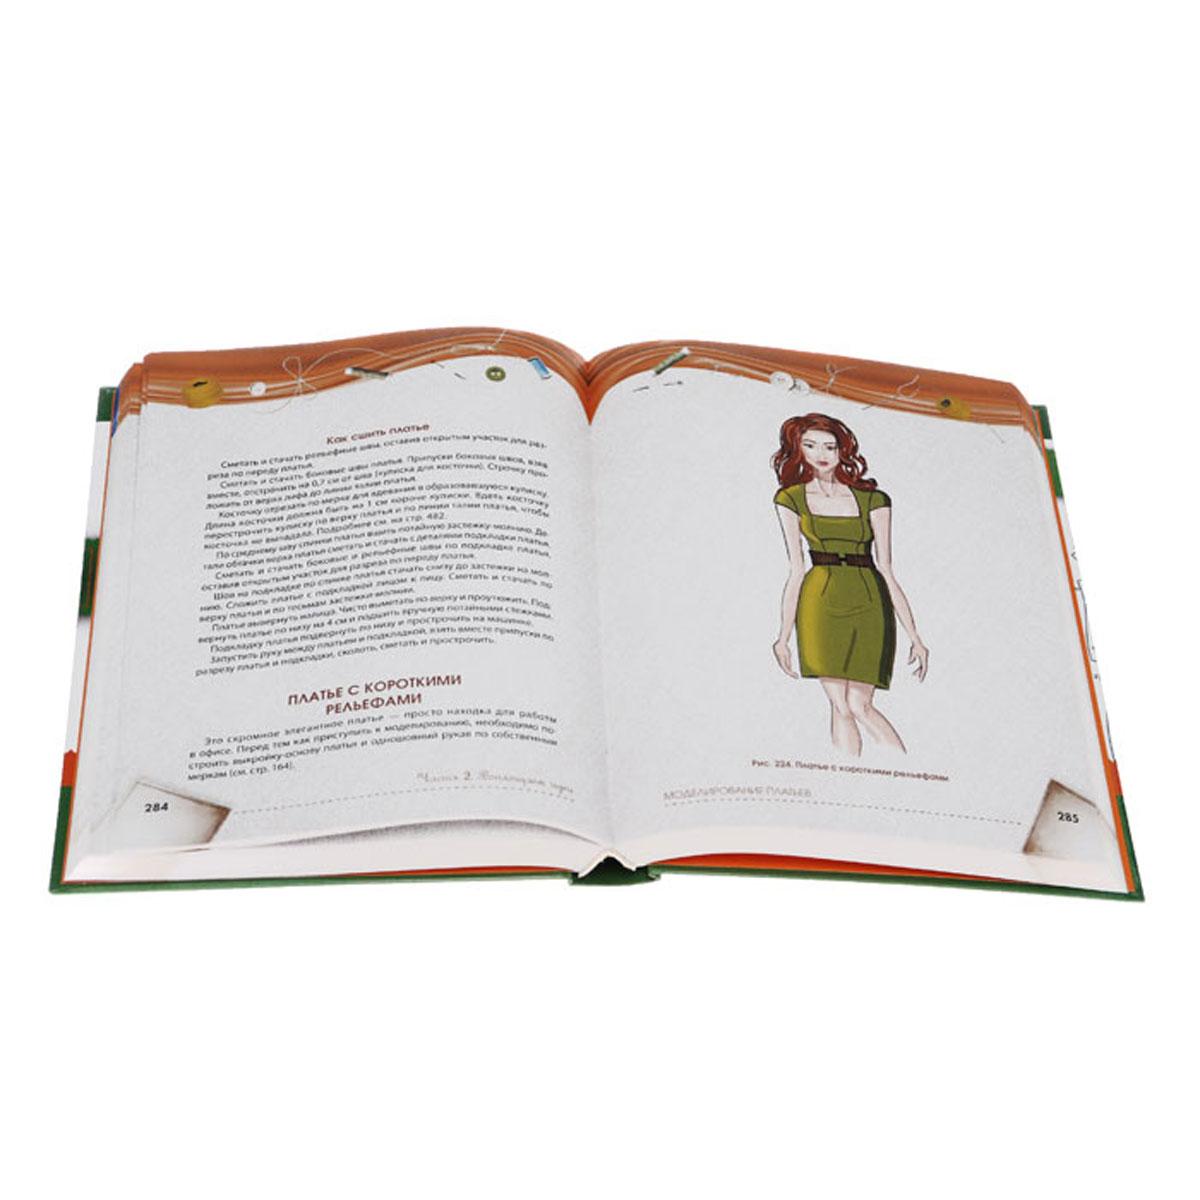 Самая большая книга кройки и шитья от Анастасии Корфиати